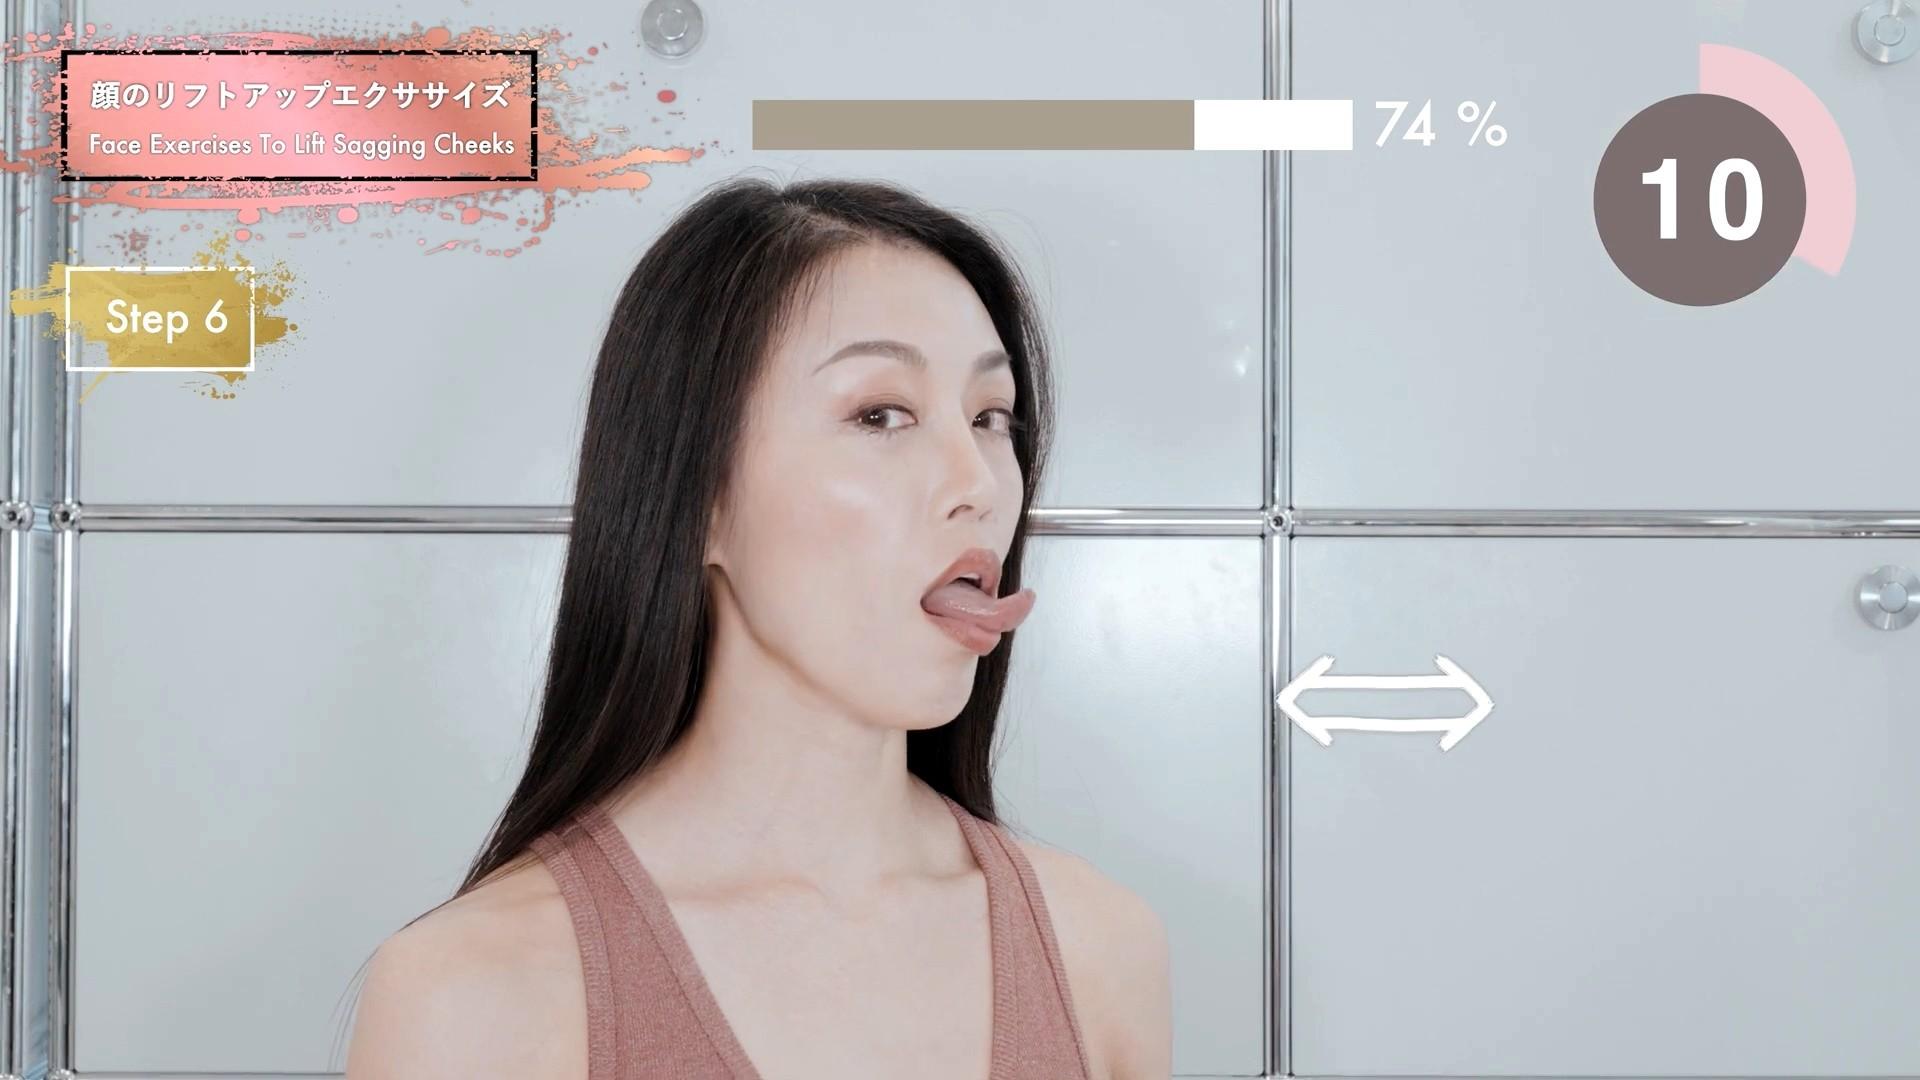 四十路美魔女の腋見せ舌トレ (6)